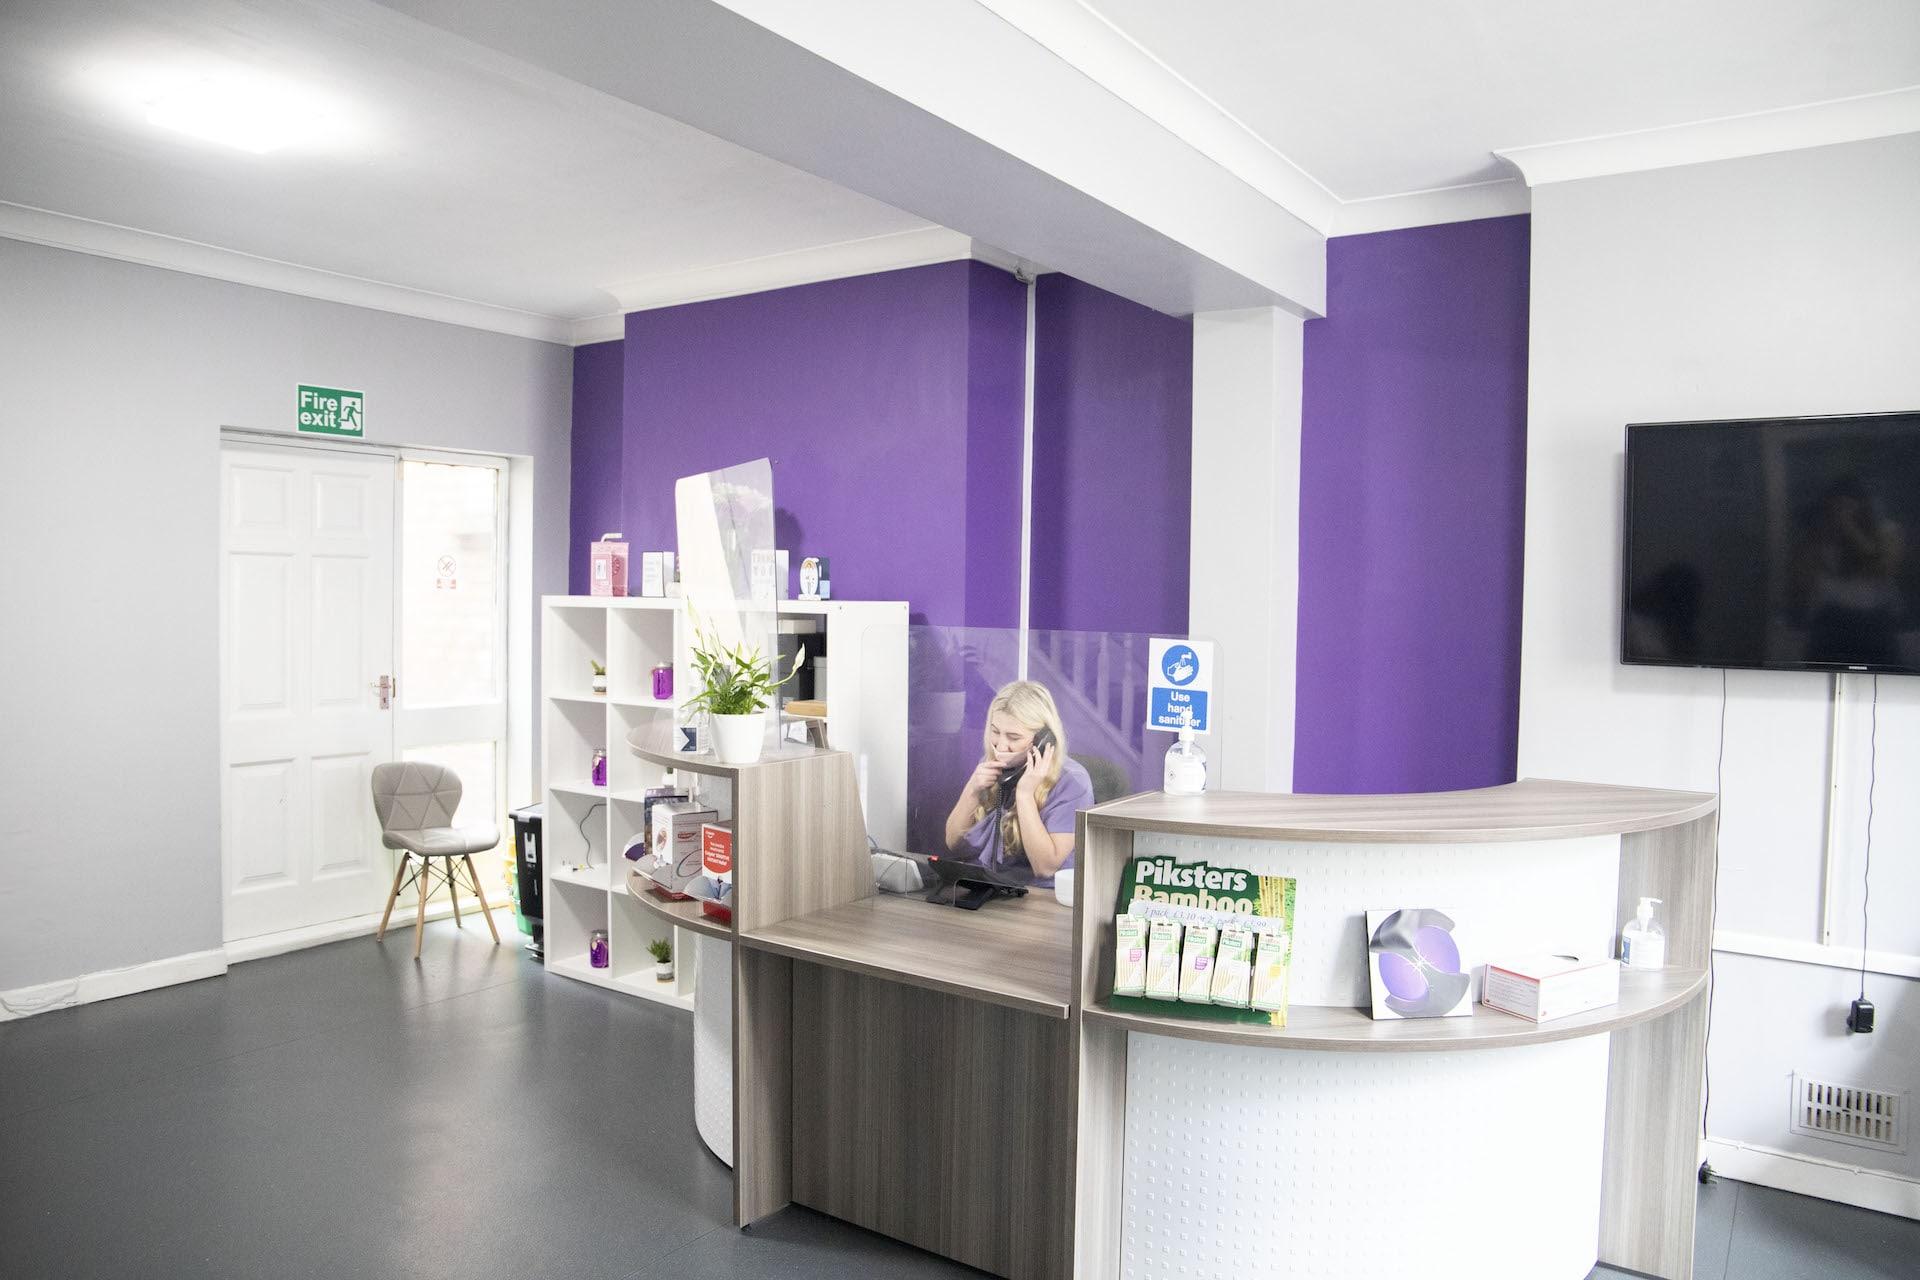 Sparkle Dental Centre Reception Area